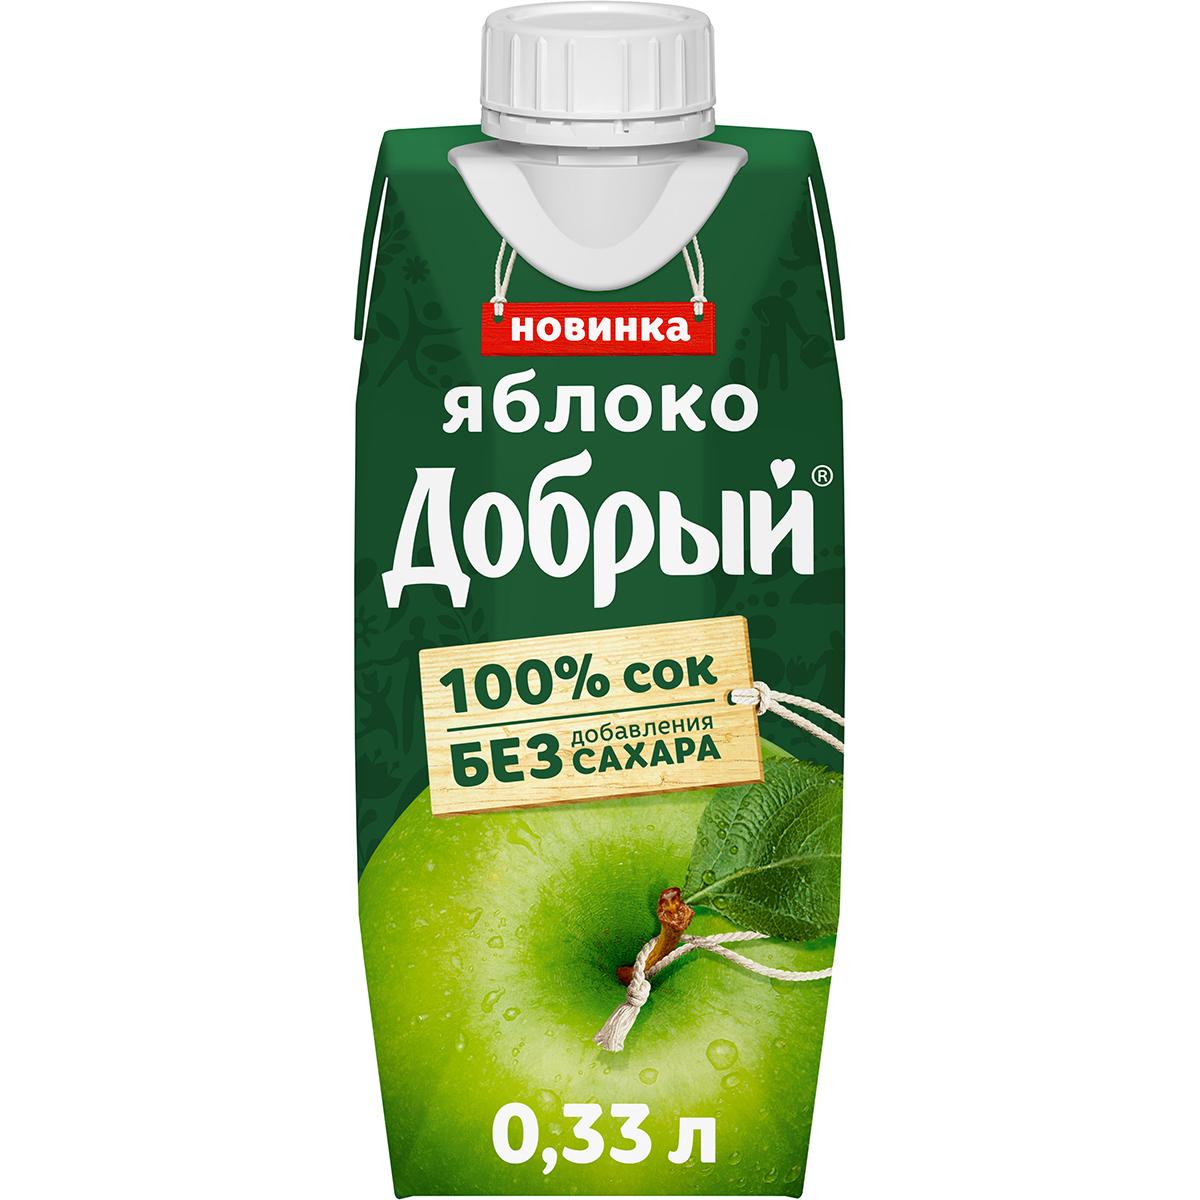 Фото - Сок Добрый яблочный 100% 330 мл добрый сок мультифрукт добрый